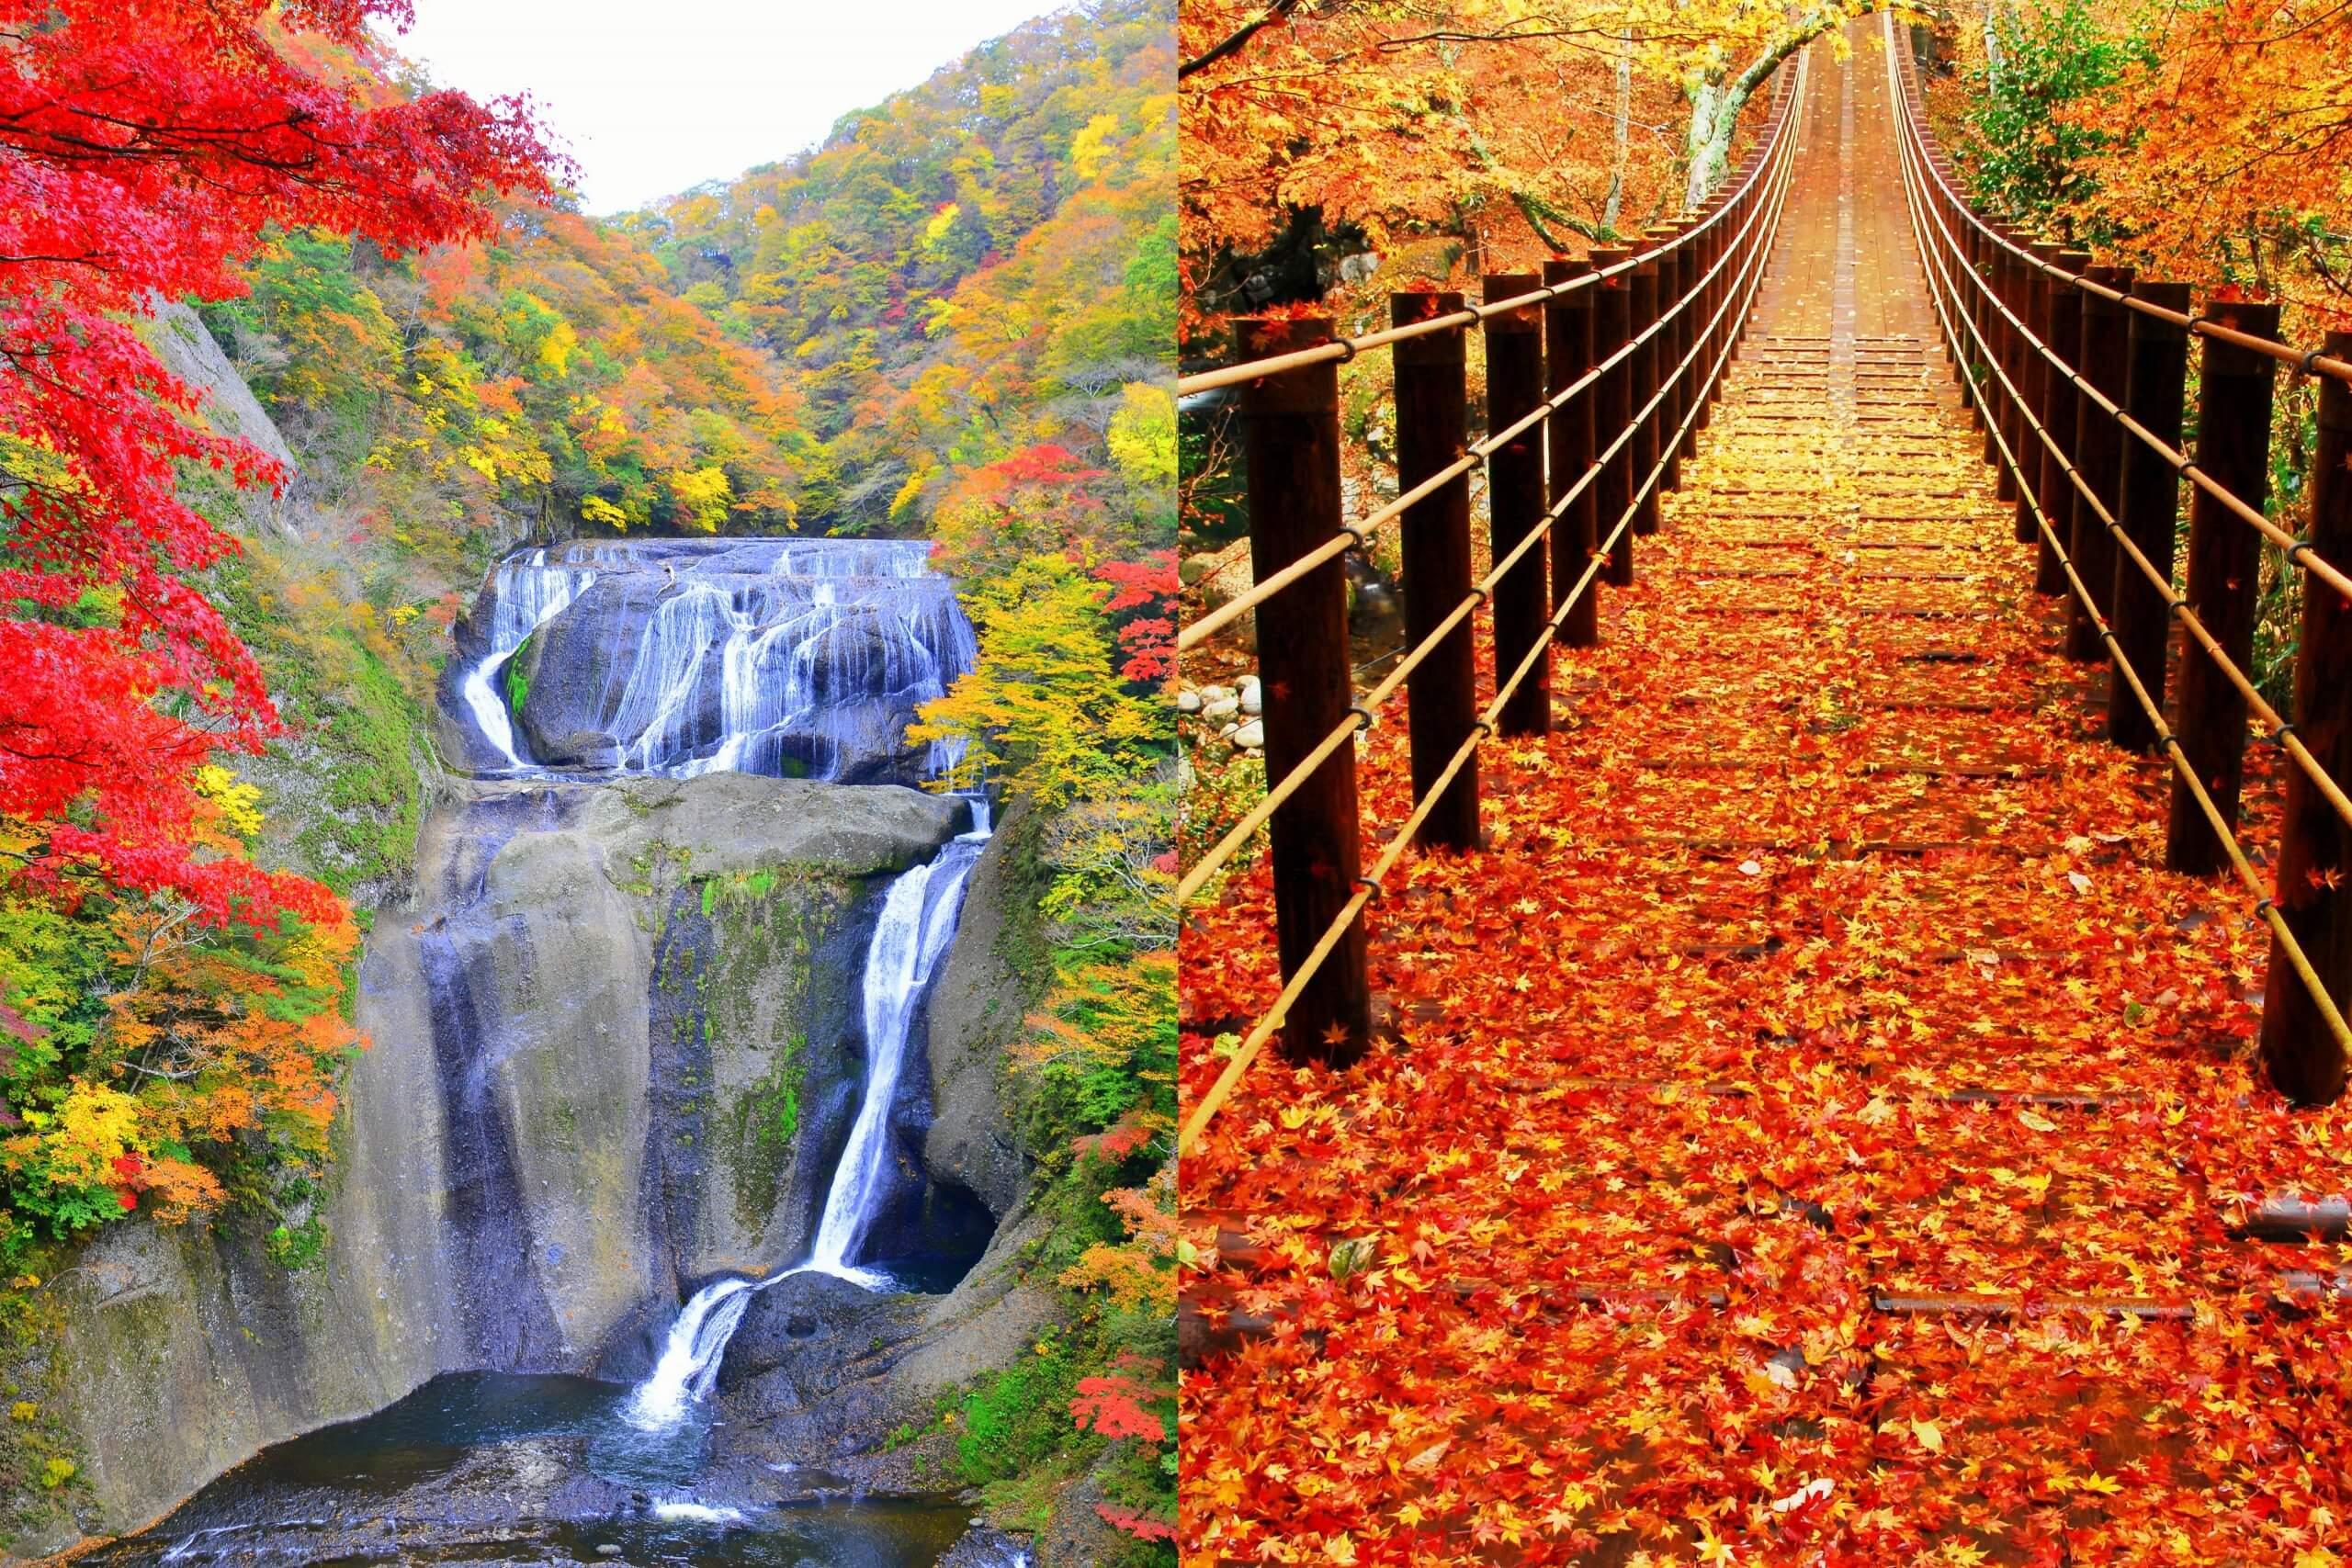 秋のおとずれ!茨城の紅葉名所を巡る!日本三大名瀑「袋田の滝」×絶景の紅葉散策「花貫渓谷」